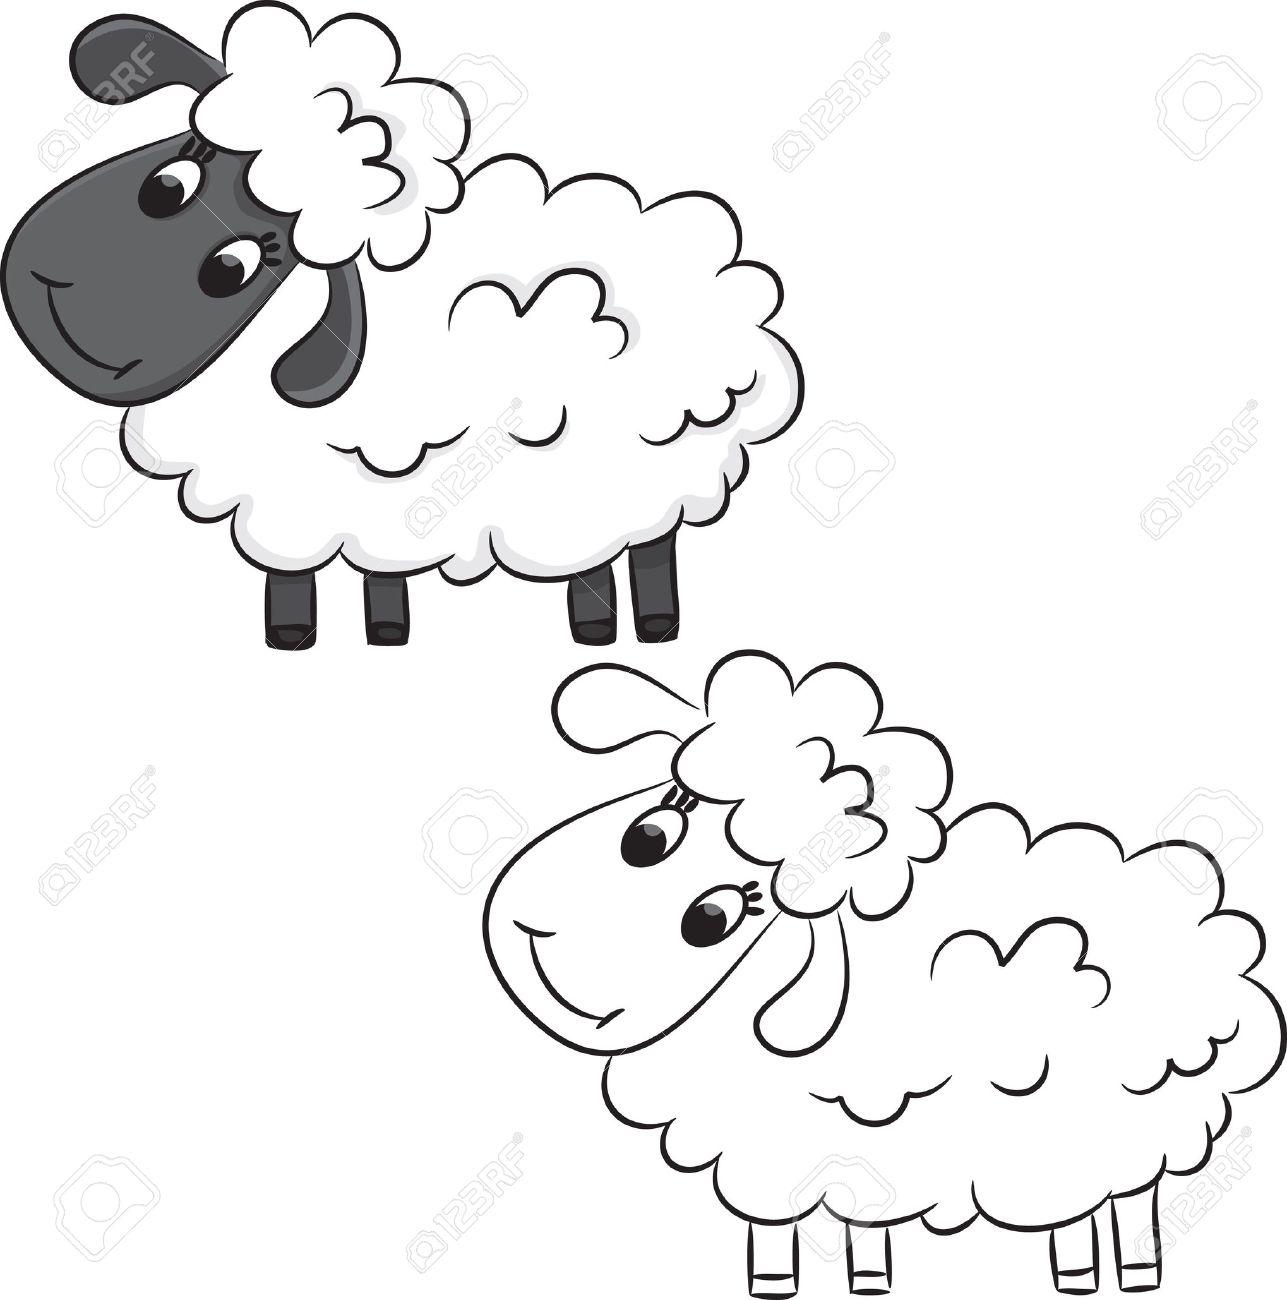 cartoon sheep coloring book royalty free cliparts vectors and